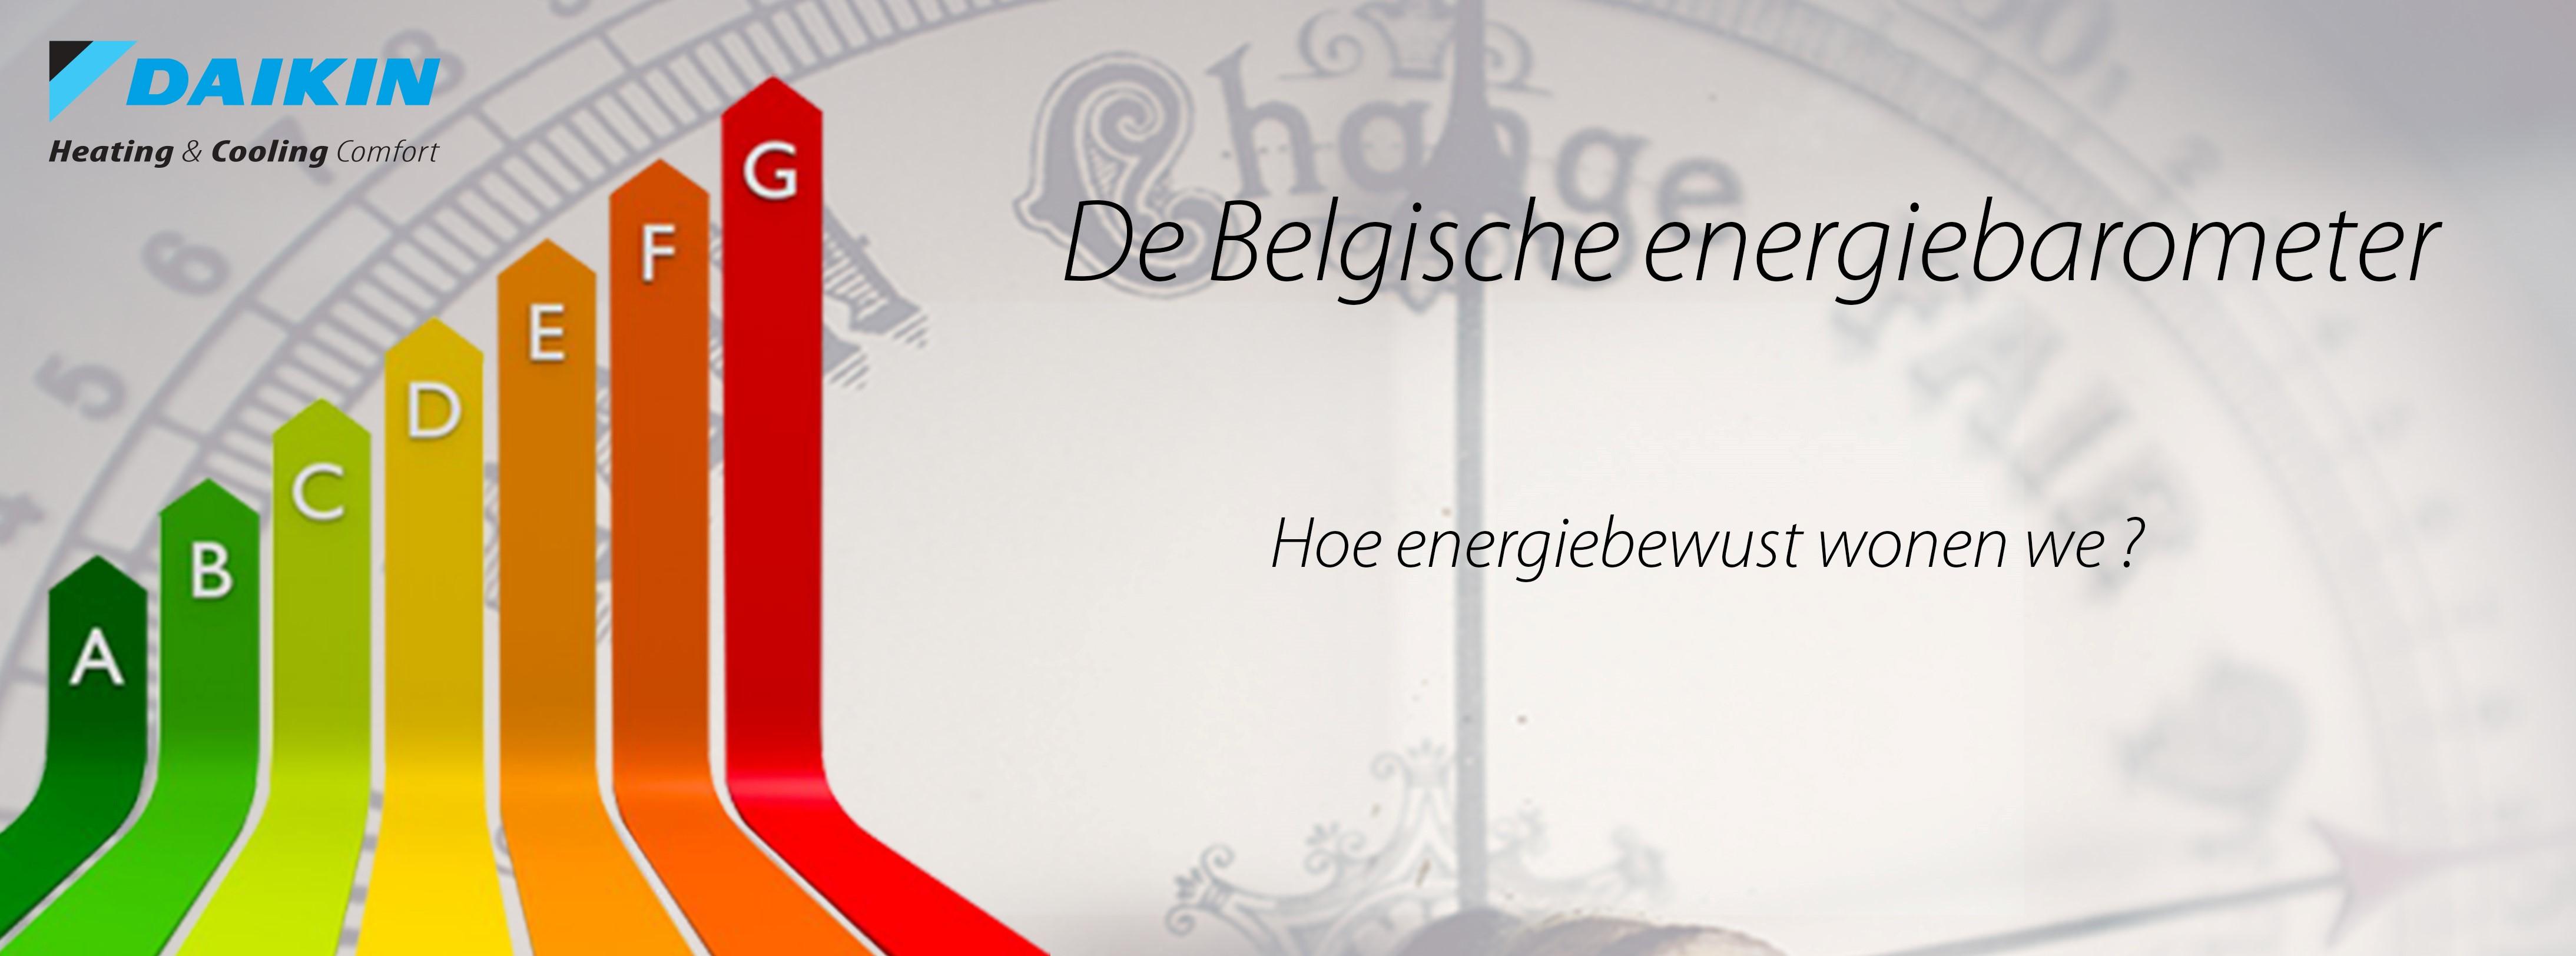 De belgische energiebarometer